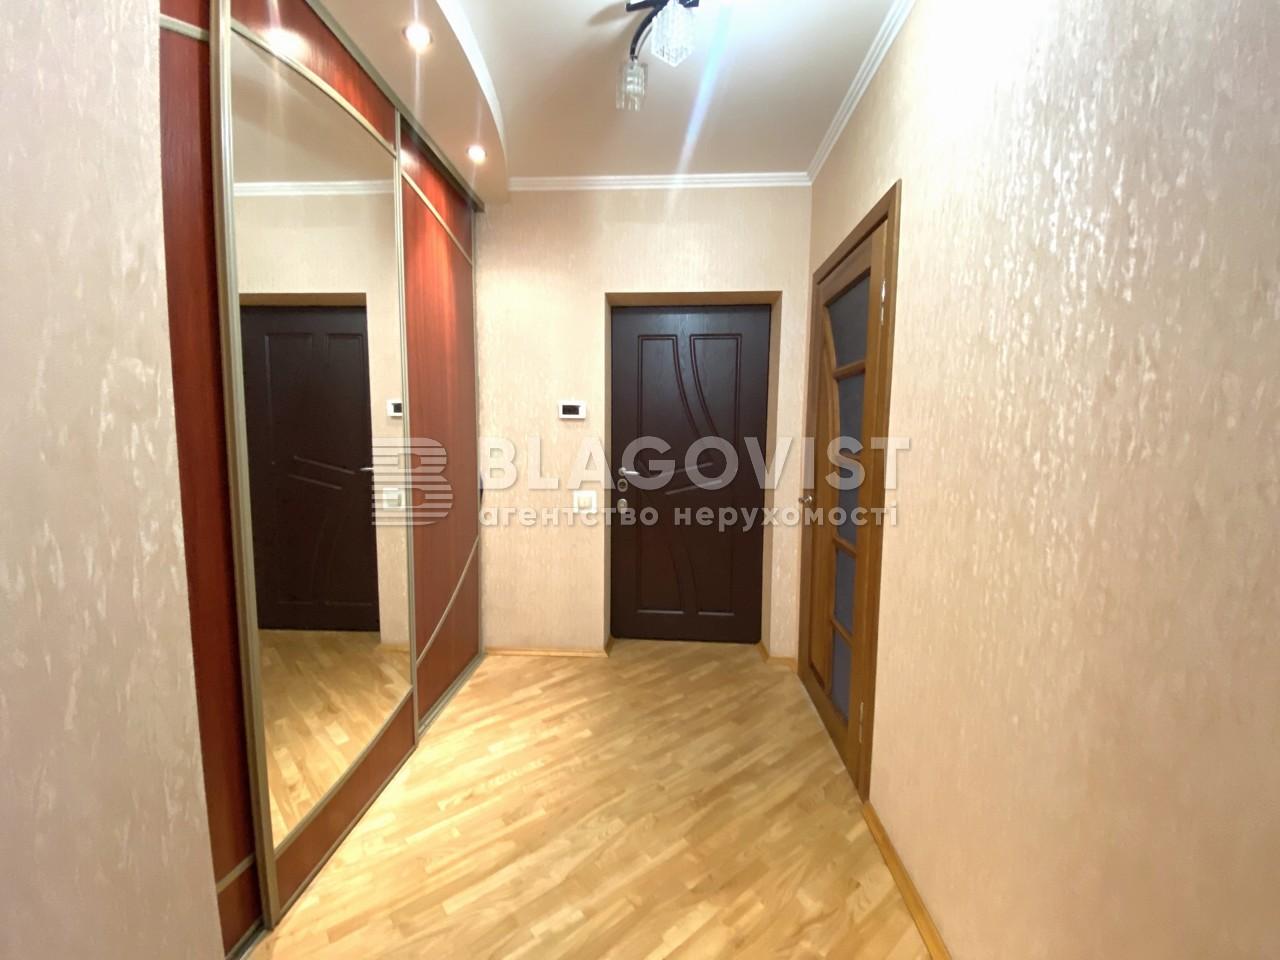 Квартира R-40451, Лебедева-Кумача, 5, Киев - Фото 15